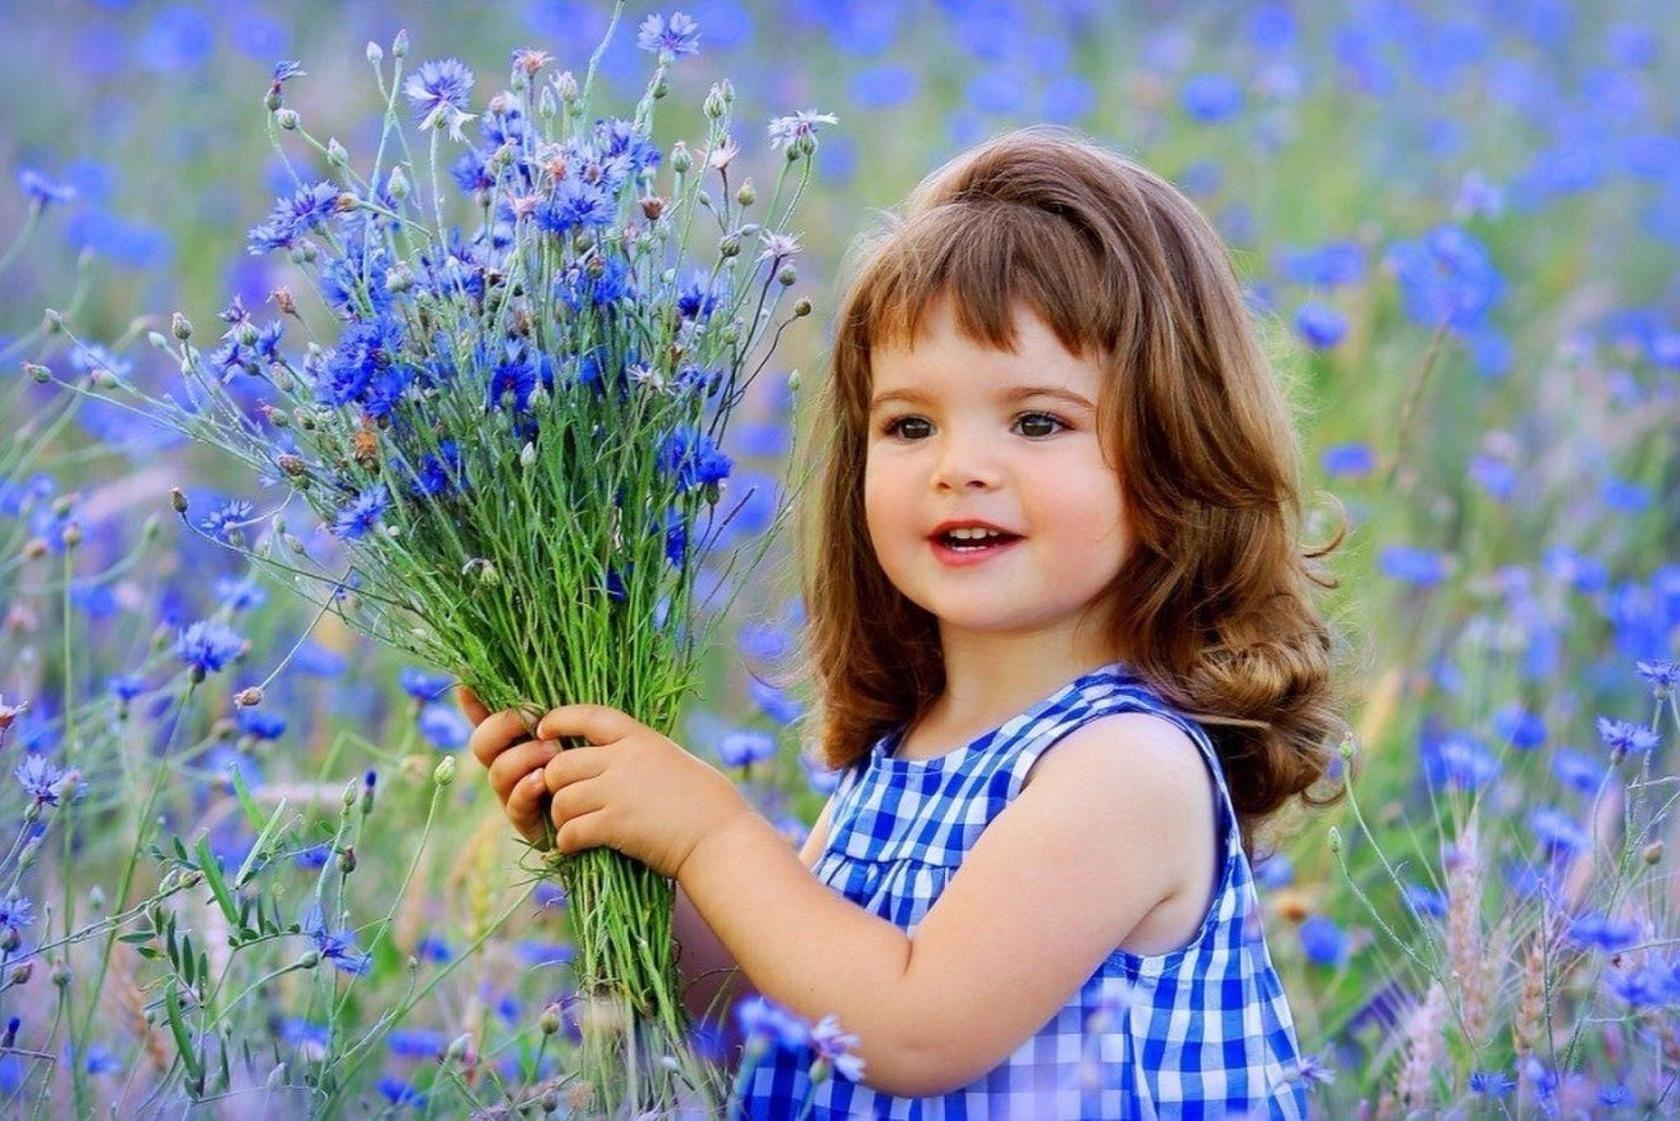 поздравления маме картинки с добрым настроением с детьми самым